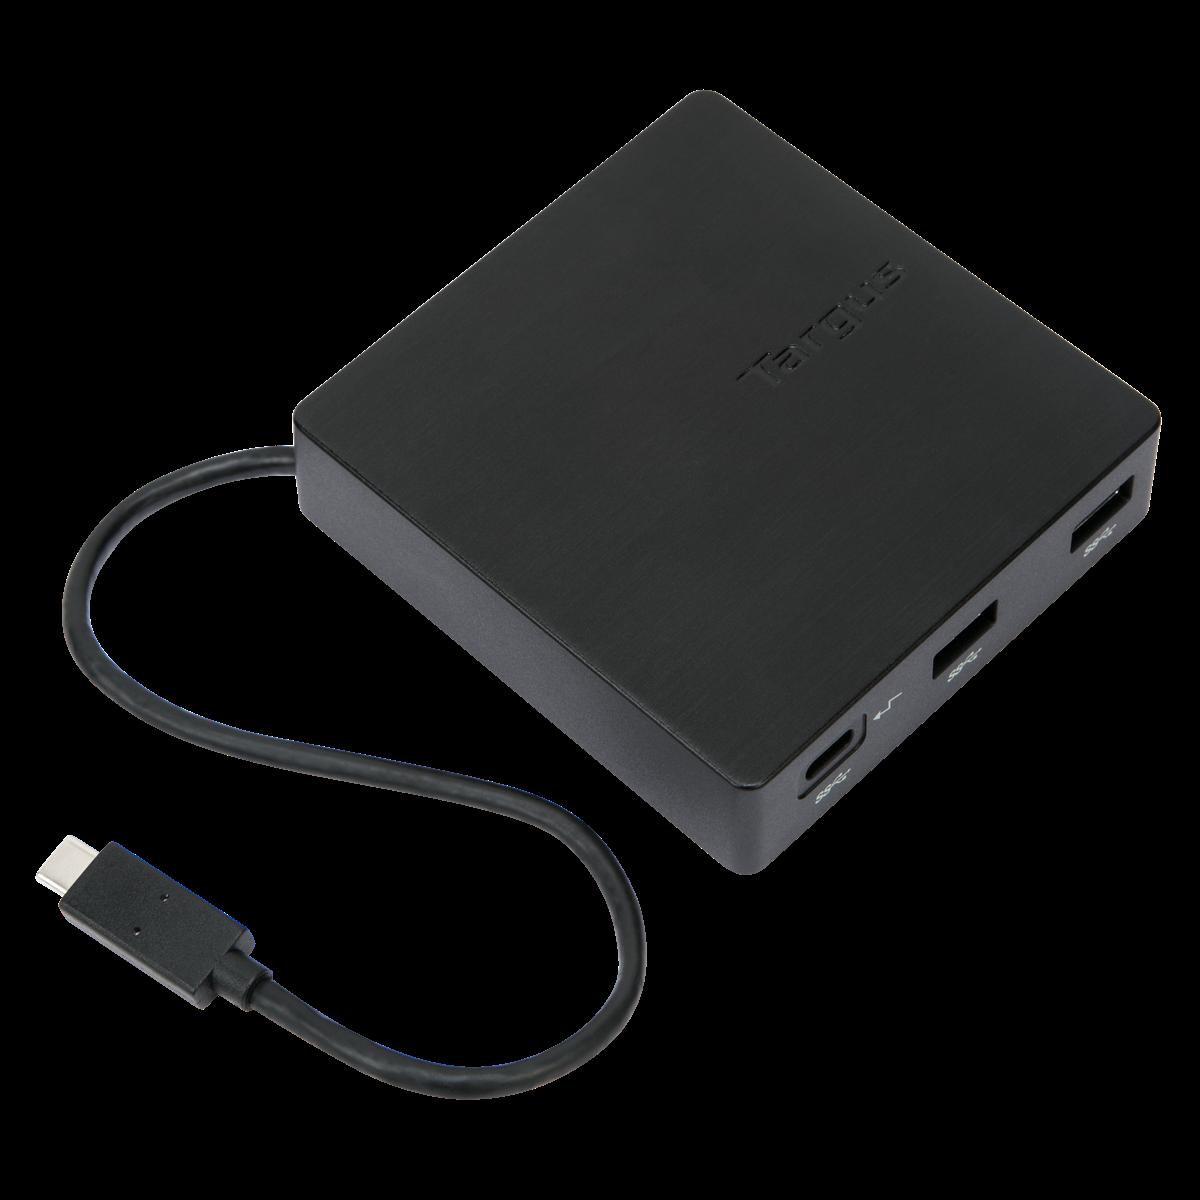 Targus USB-C Alt-Mode Travel Dock